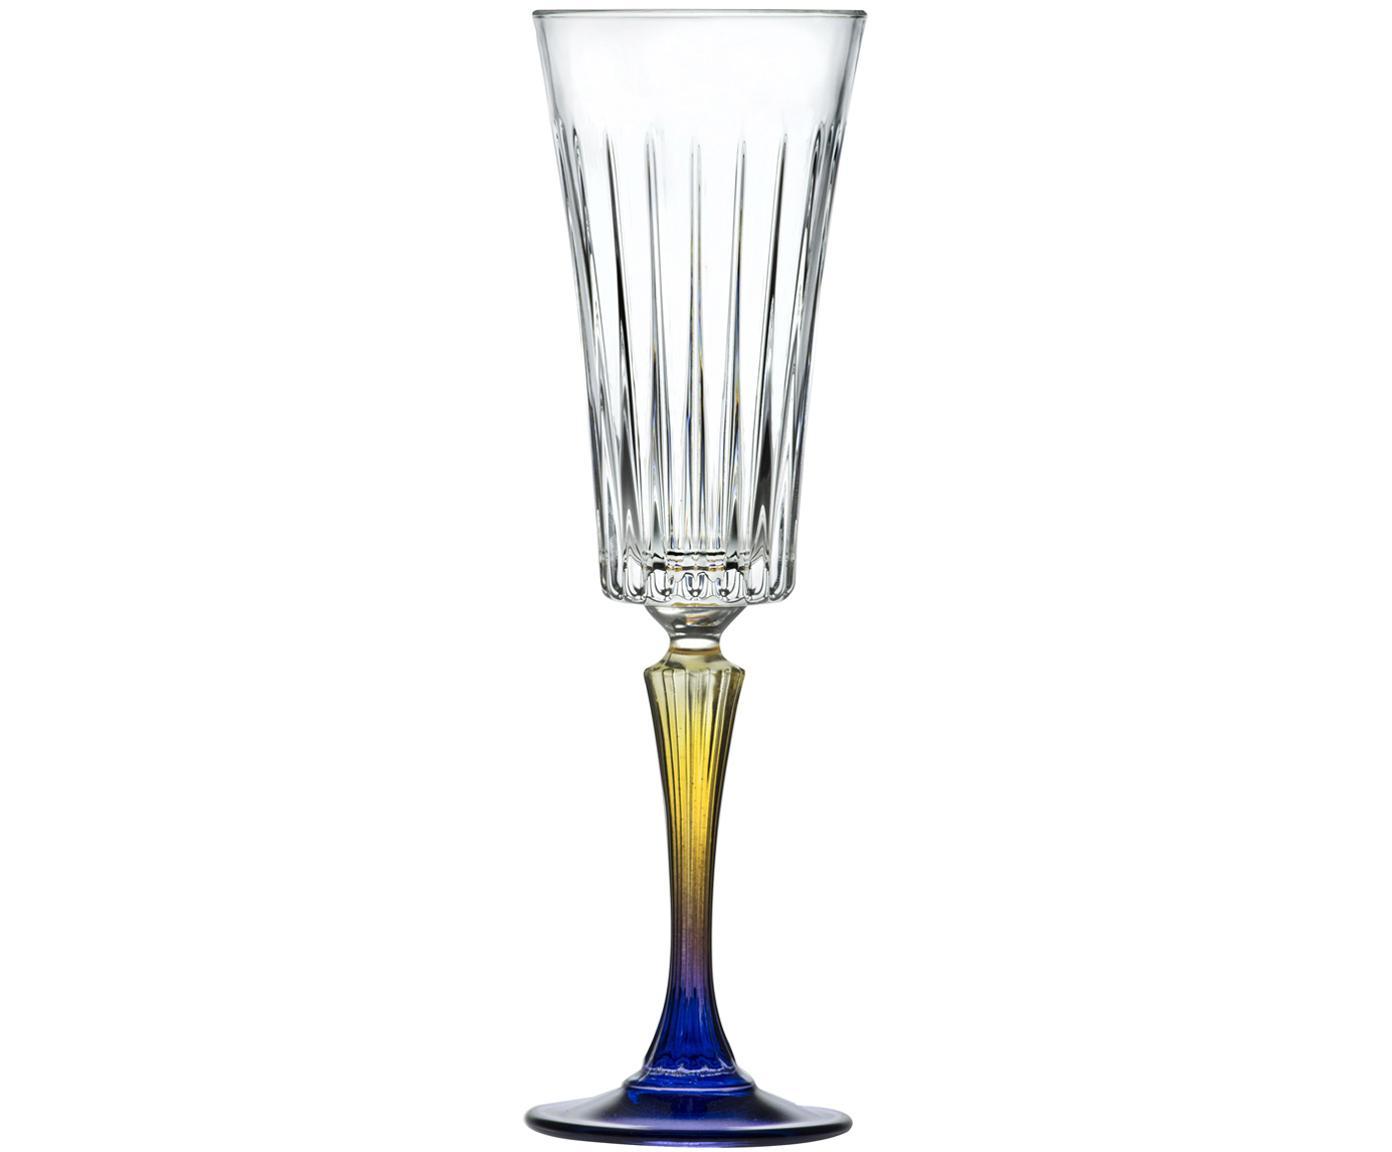 Flute champagne in cristallo  Gipsy 6 pz, Cristallo Luxion, Trasparente, giallo, blu, Ø 7 x Alt. 23 cm